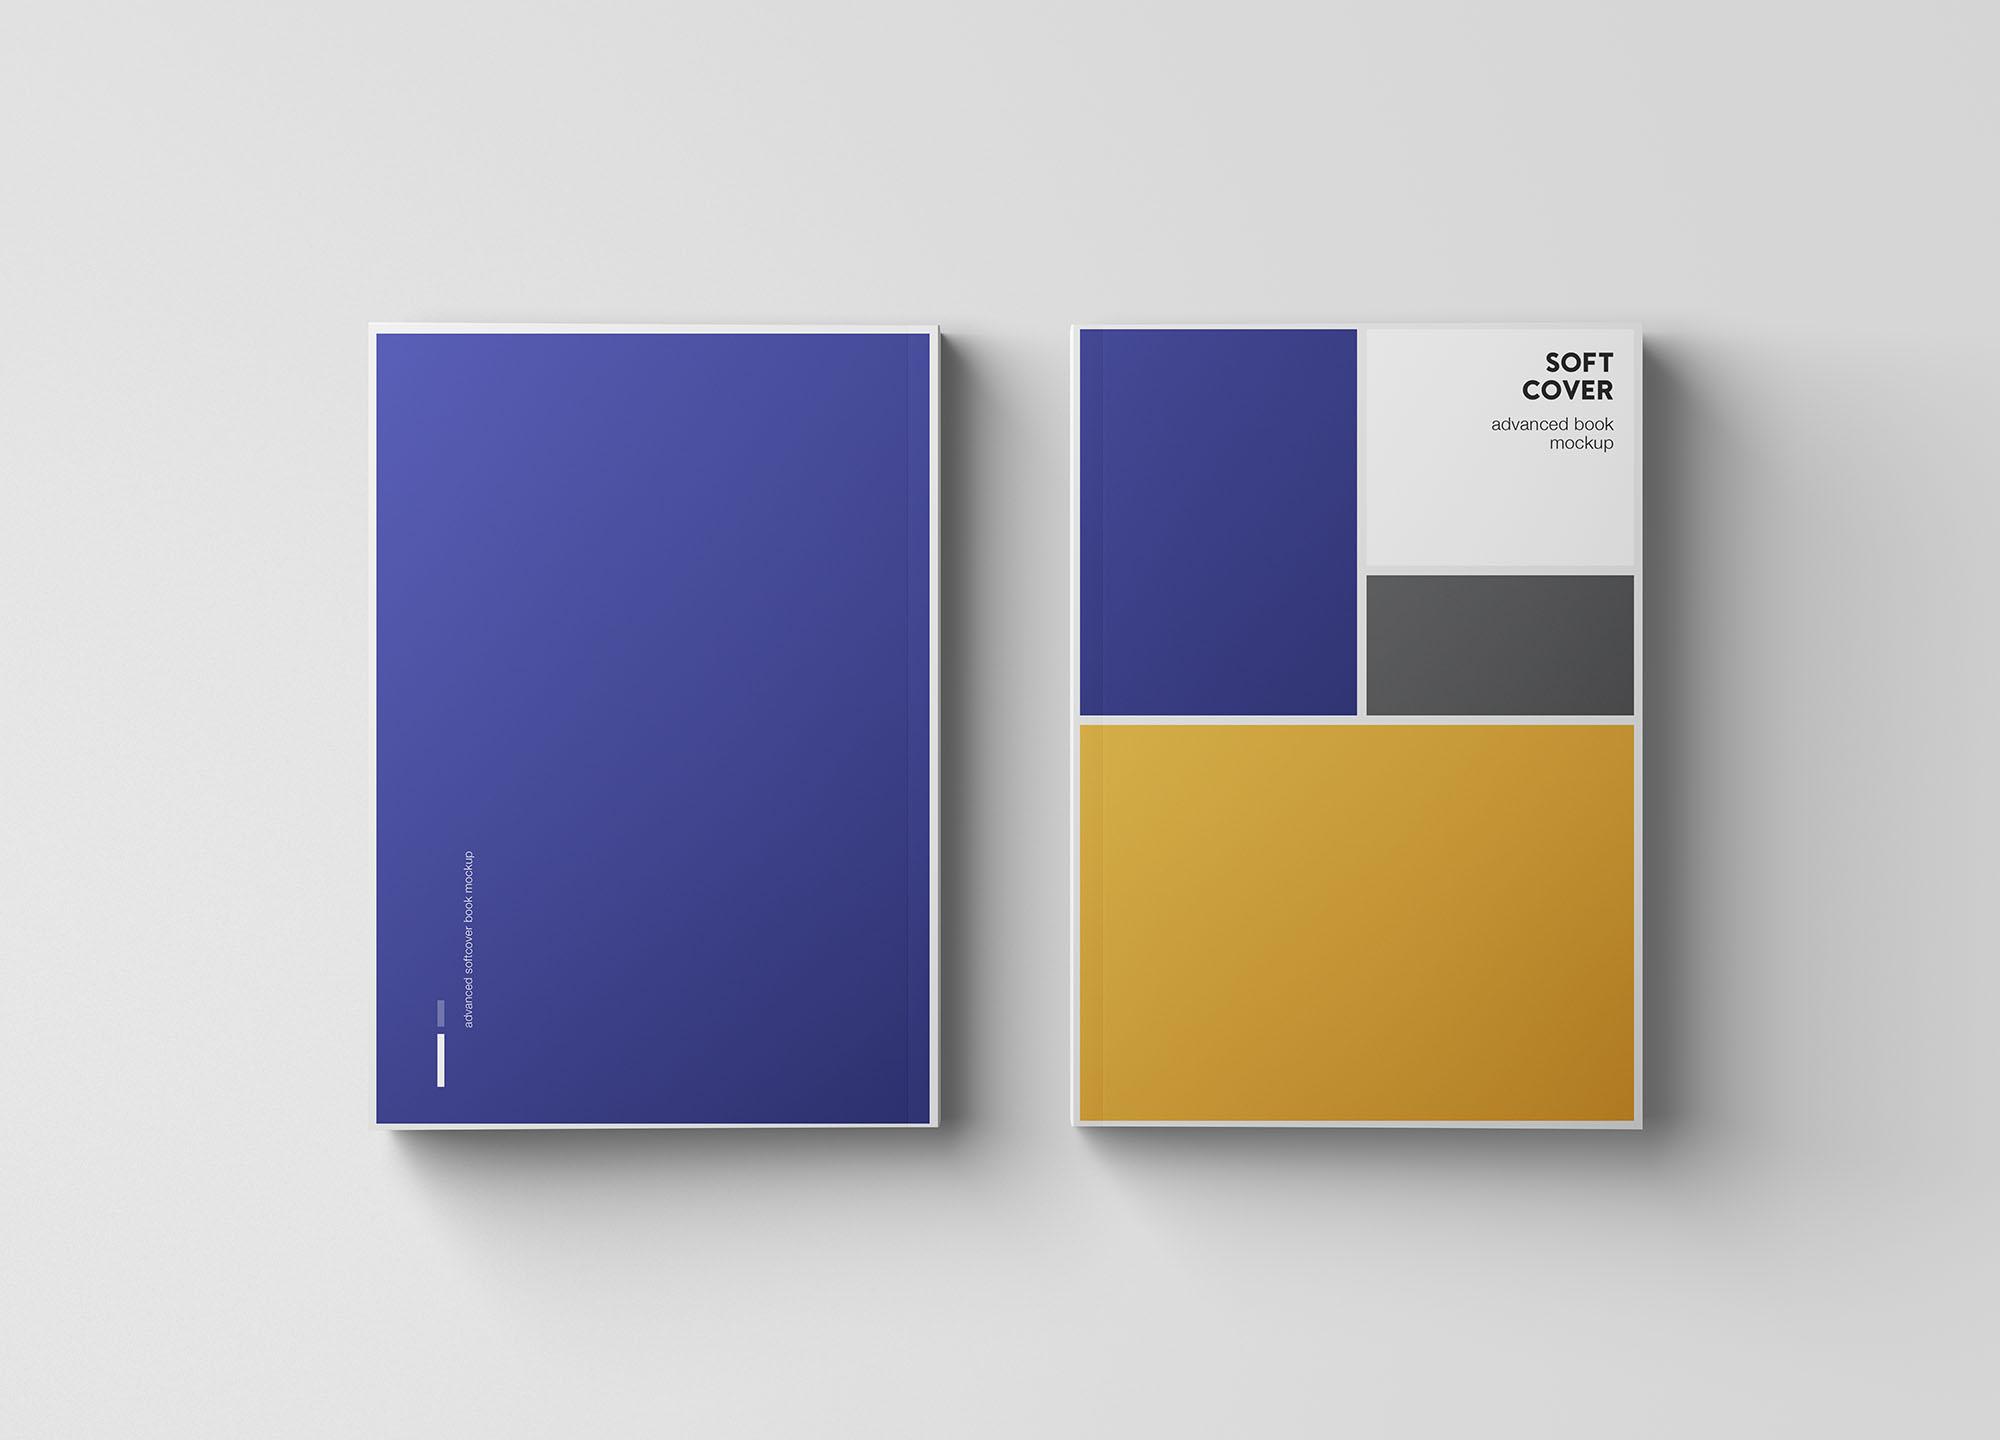 专业设计的A5平装书画册样机PSD模板 A5 Softcover Book Mockup插图(6)